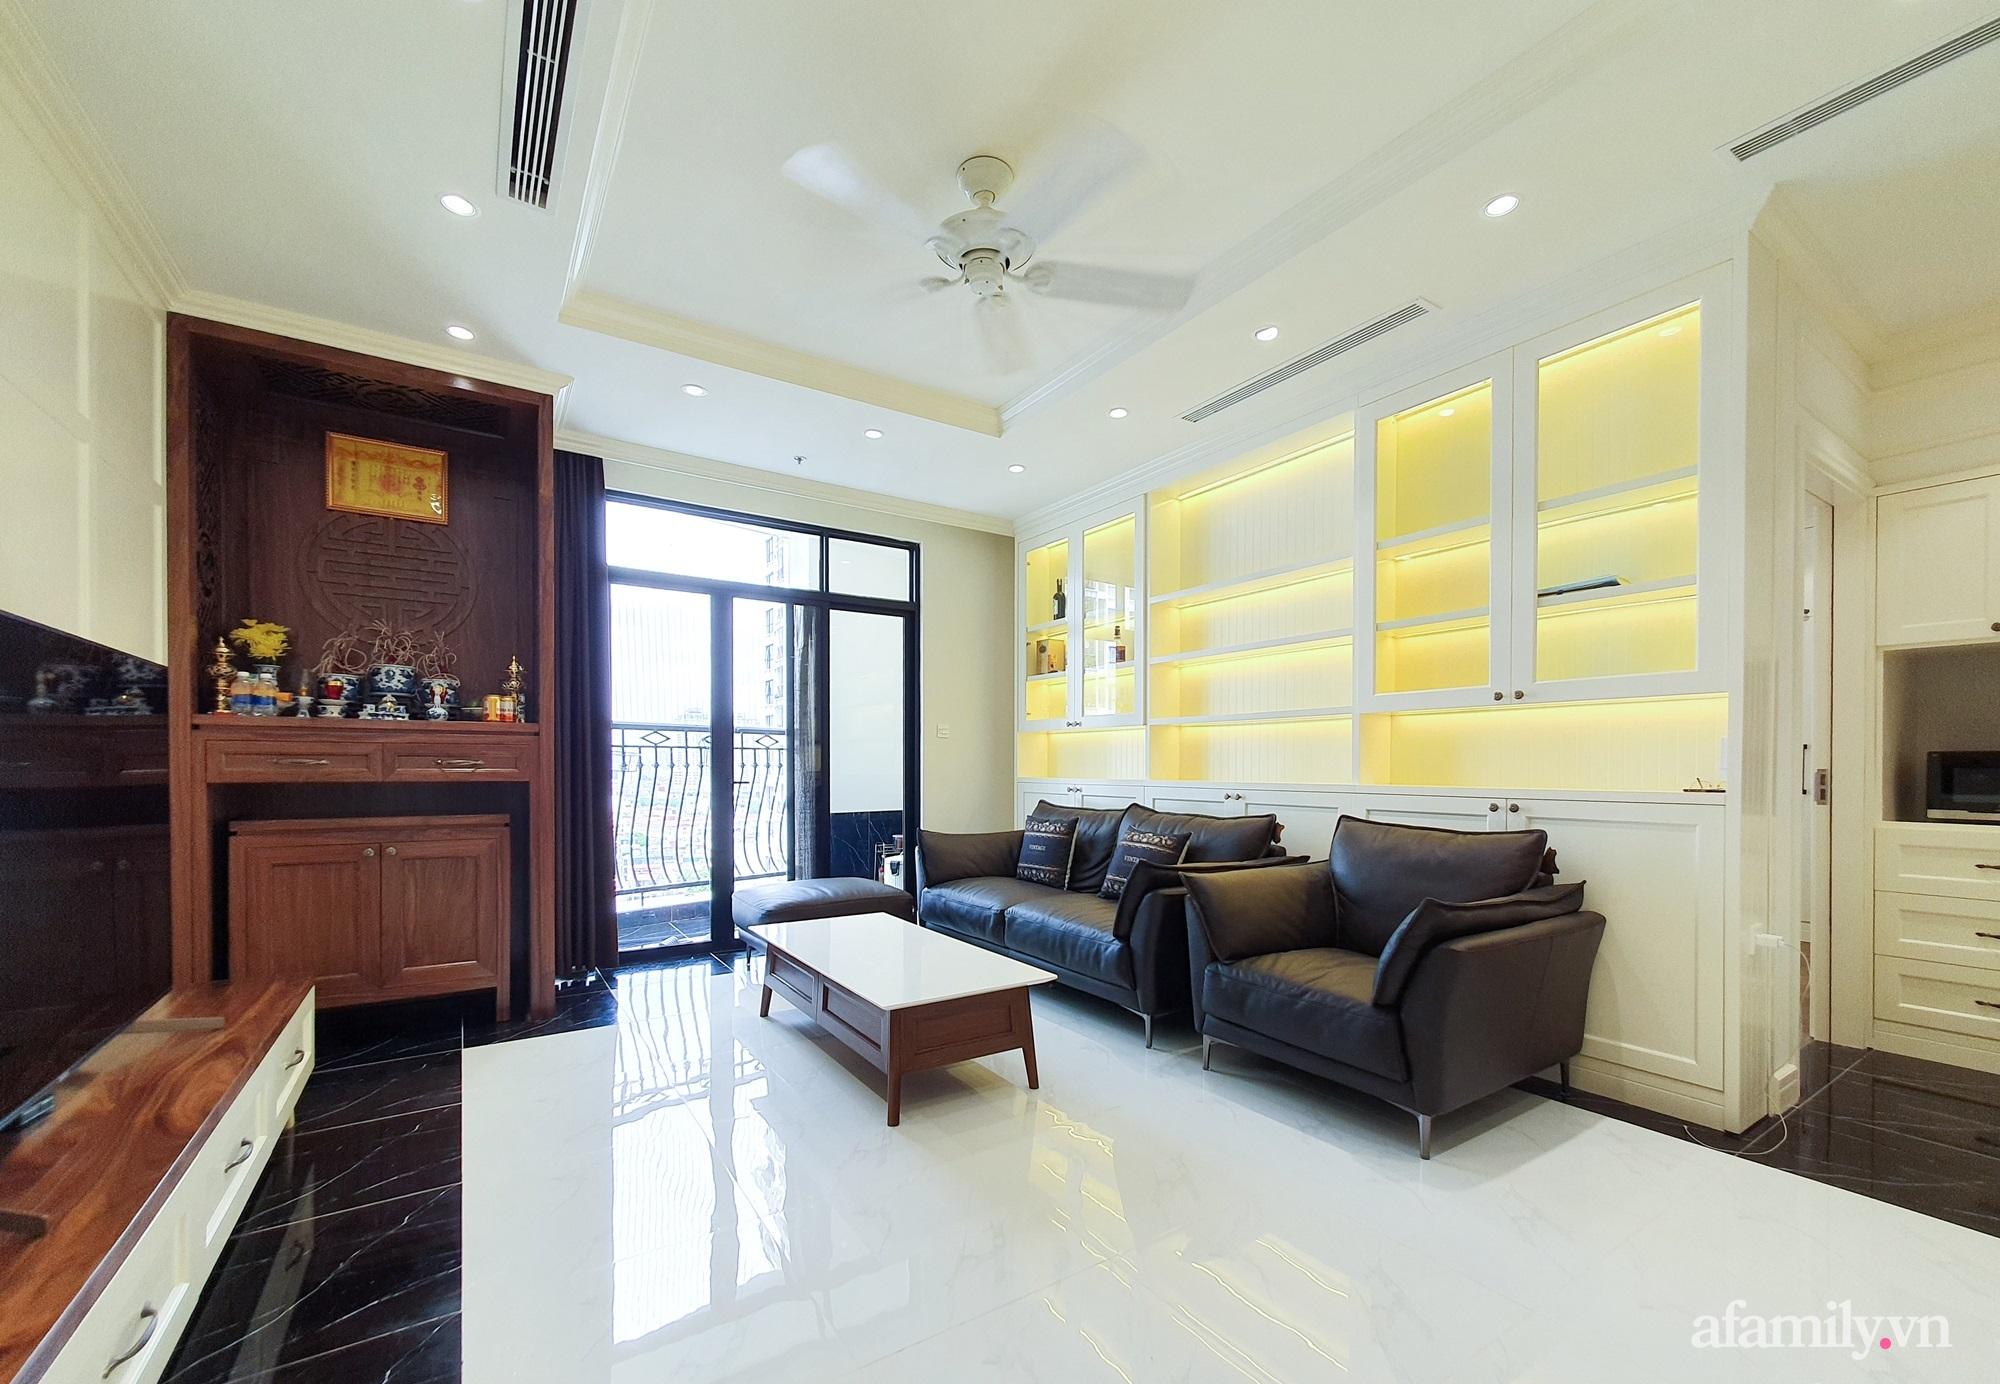 Căn hộ 121m² đẹp sang chảnh với phong cách bán cổ điển ở Hà Nội - Ảnh 3.